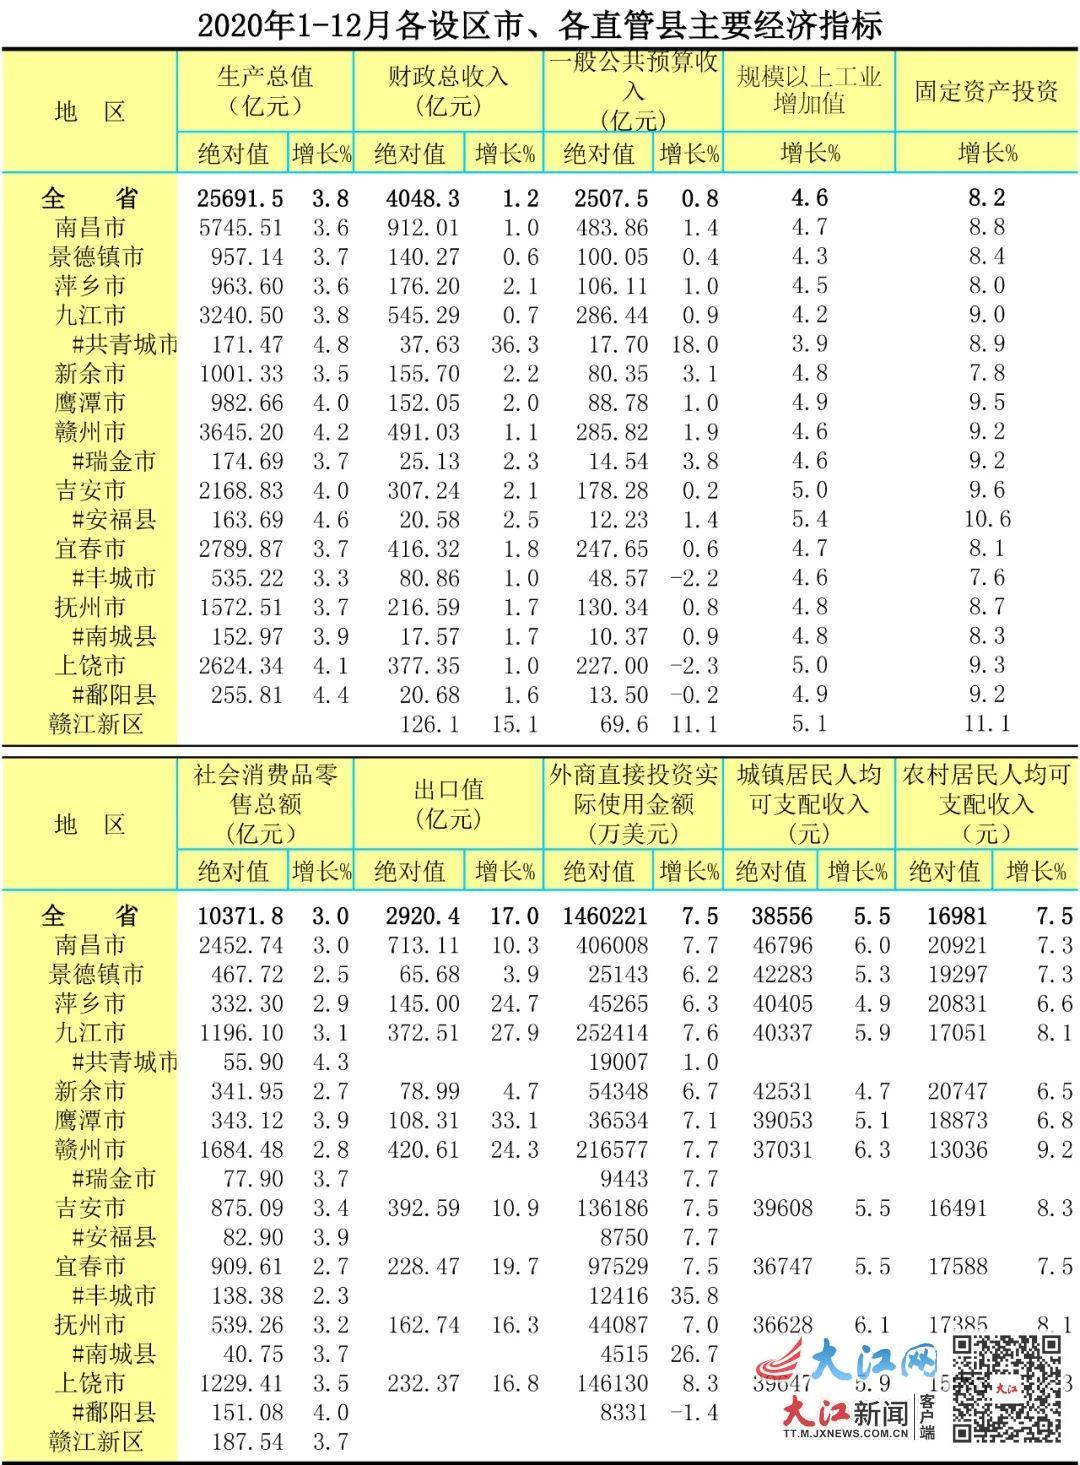 2020江西gdp出炉_红色之城南昌的2020上半年GDP出炉,在江西省排名第几